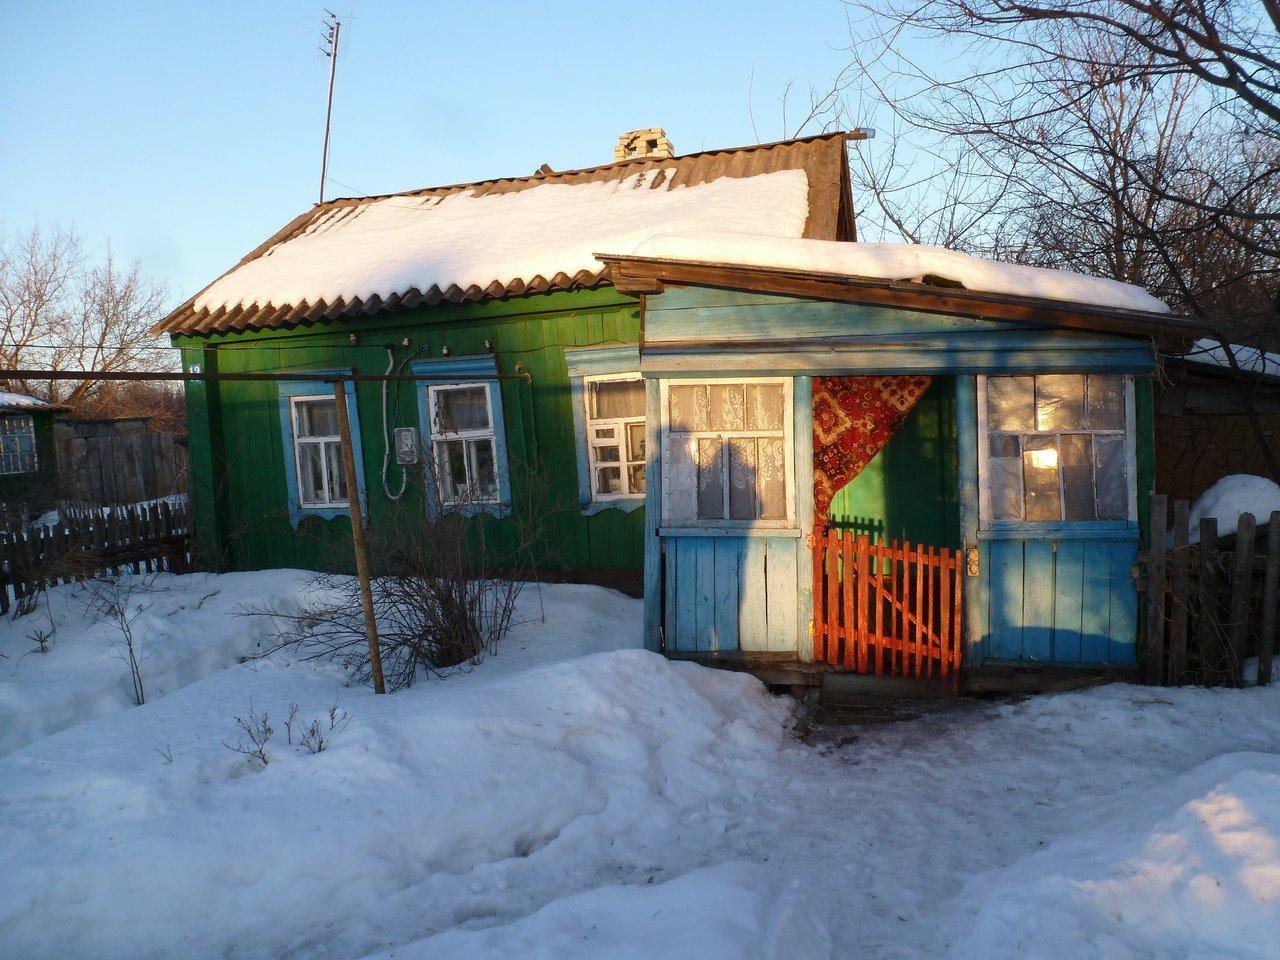 Тамбовчанка получила 15 лет тюрьмы за жестокое убийство почтальона, фото-1